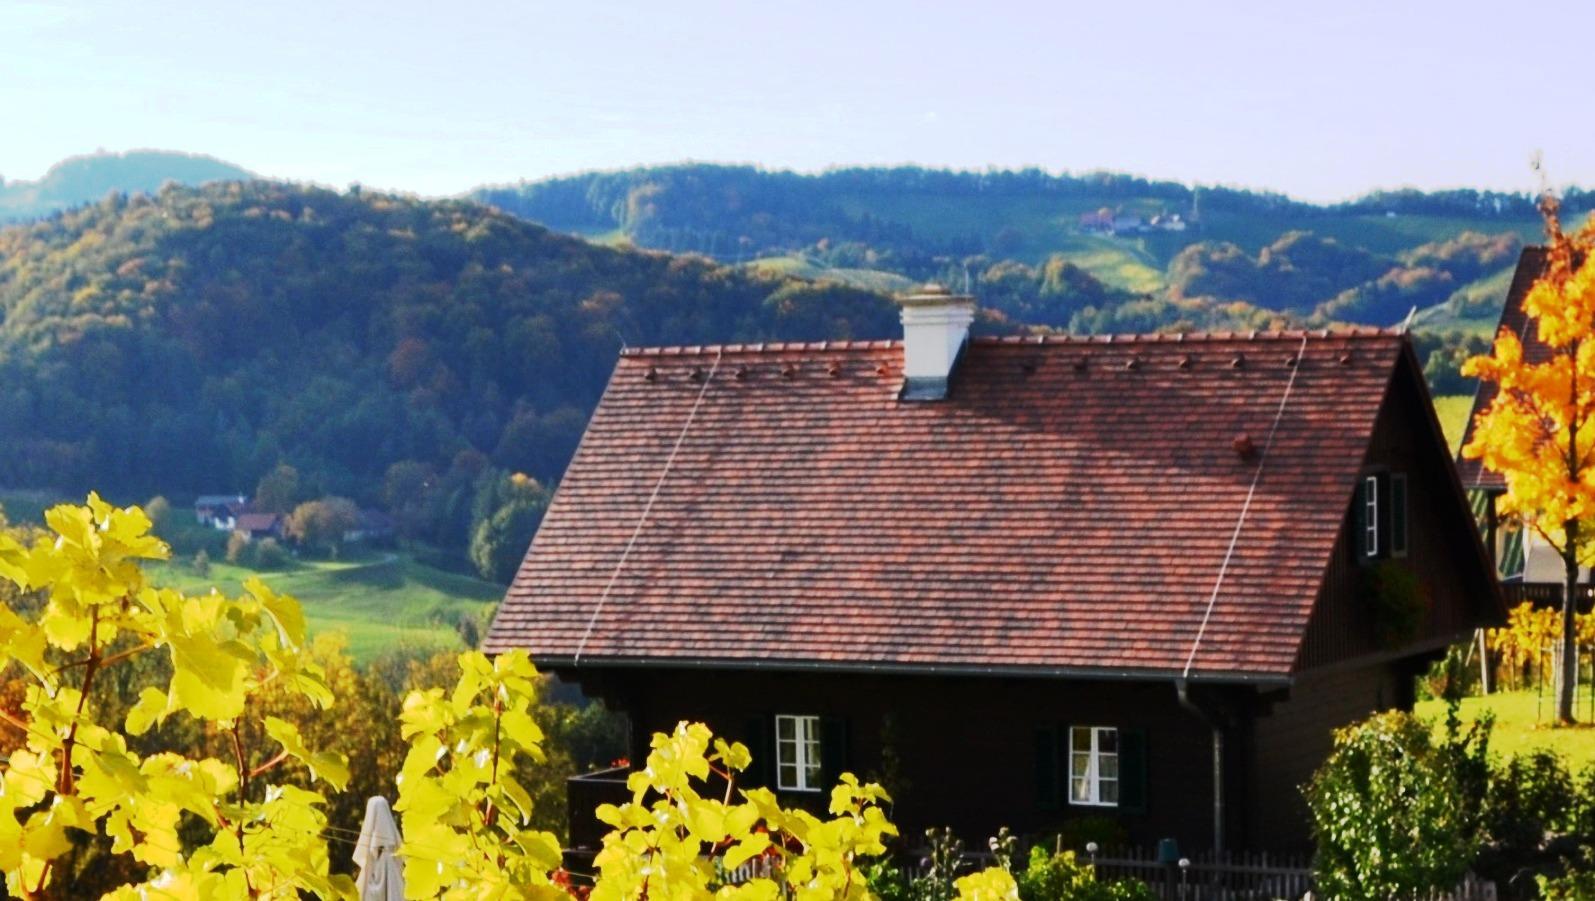 Ferienhaus Gamlitz in Aussichtslage